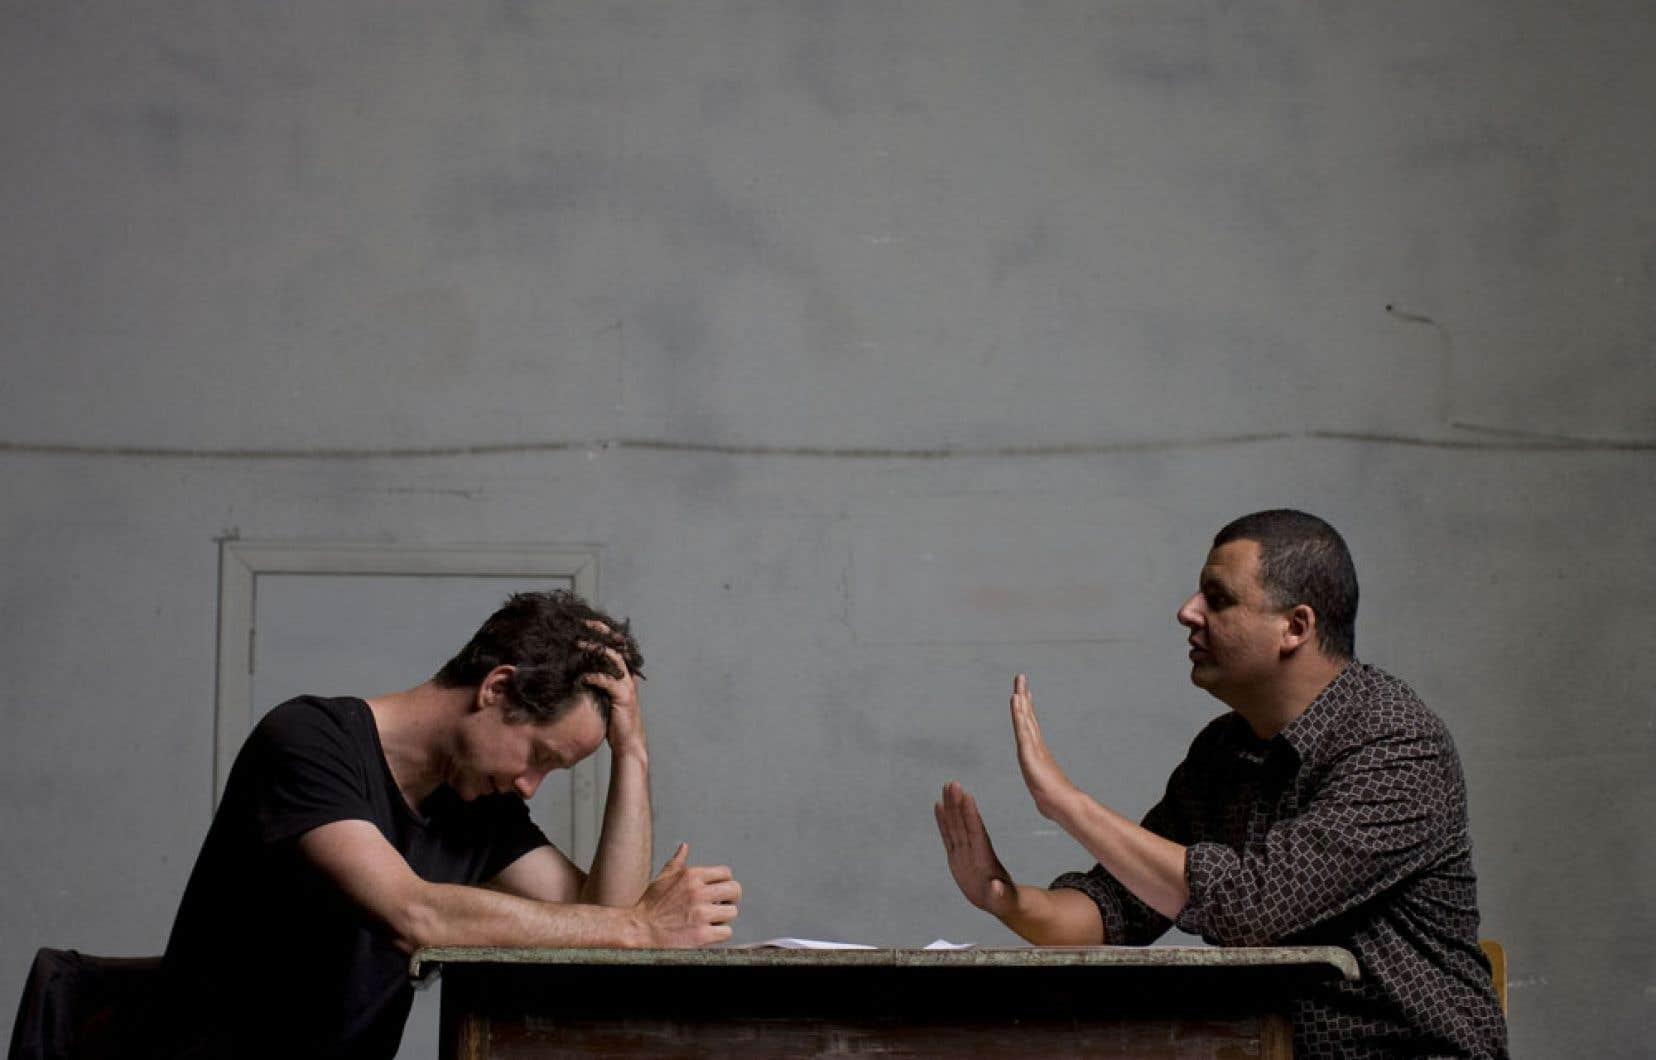 James Long et Marcus Youssef ne s'encombrent pas de personnages, laissent place à l'improvisation et s'enfoncent dans le territoire dangereux de la remise en doute des valeurs et de la dénonciation des contradictions de celui d'en face.